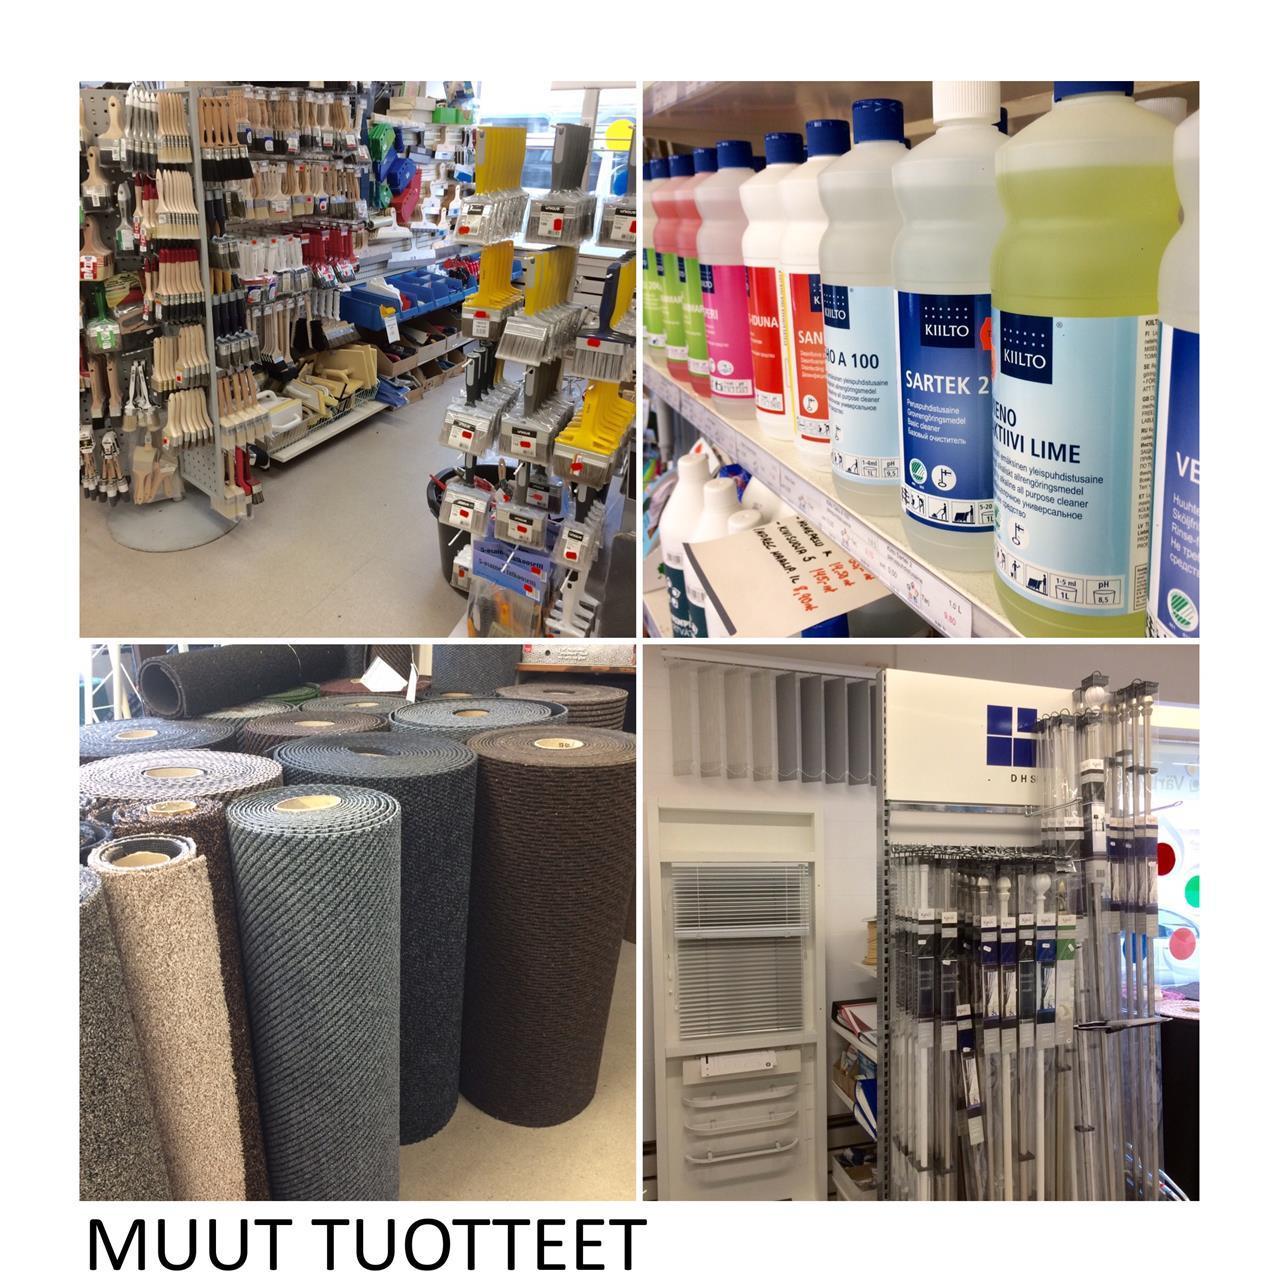 Muut tuotteet